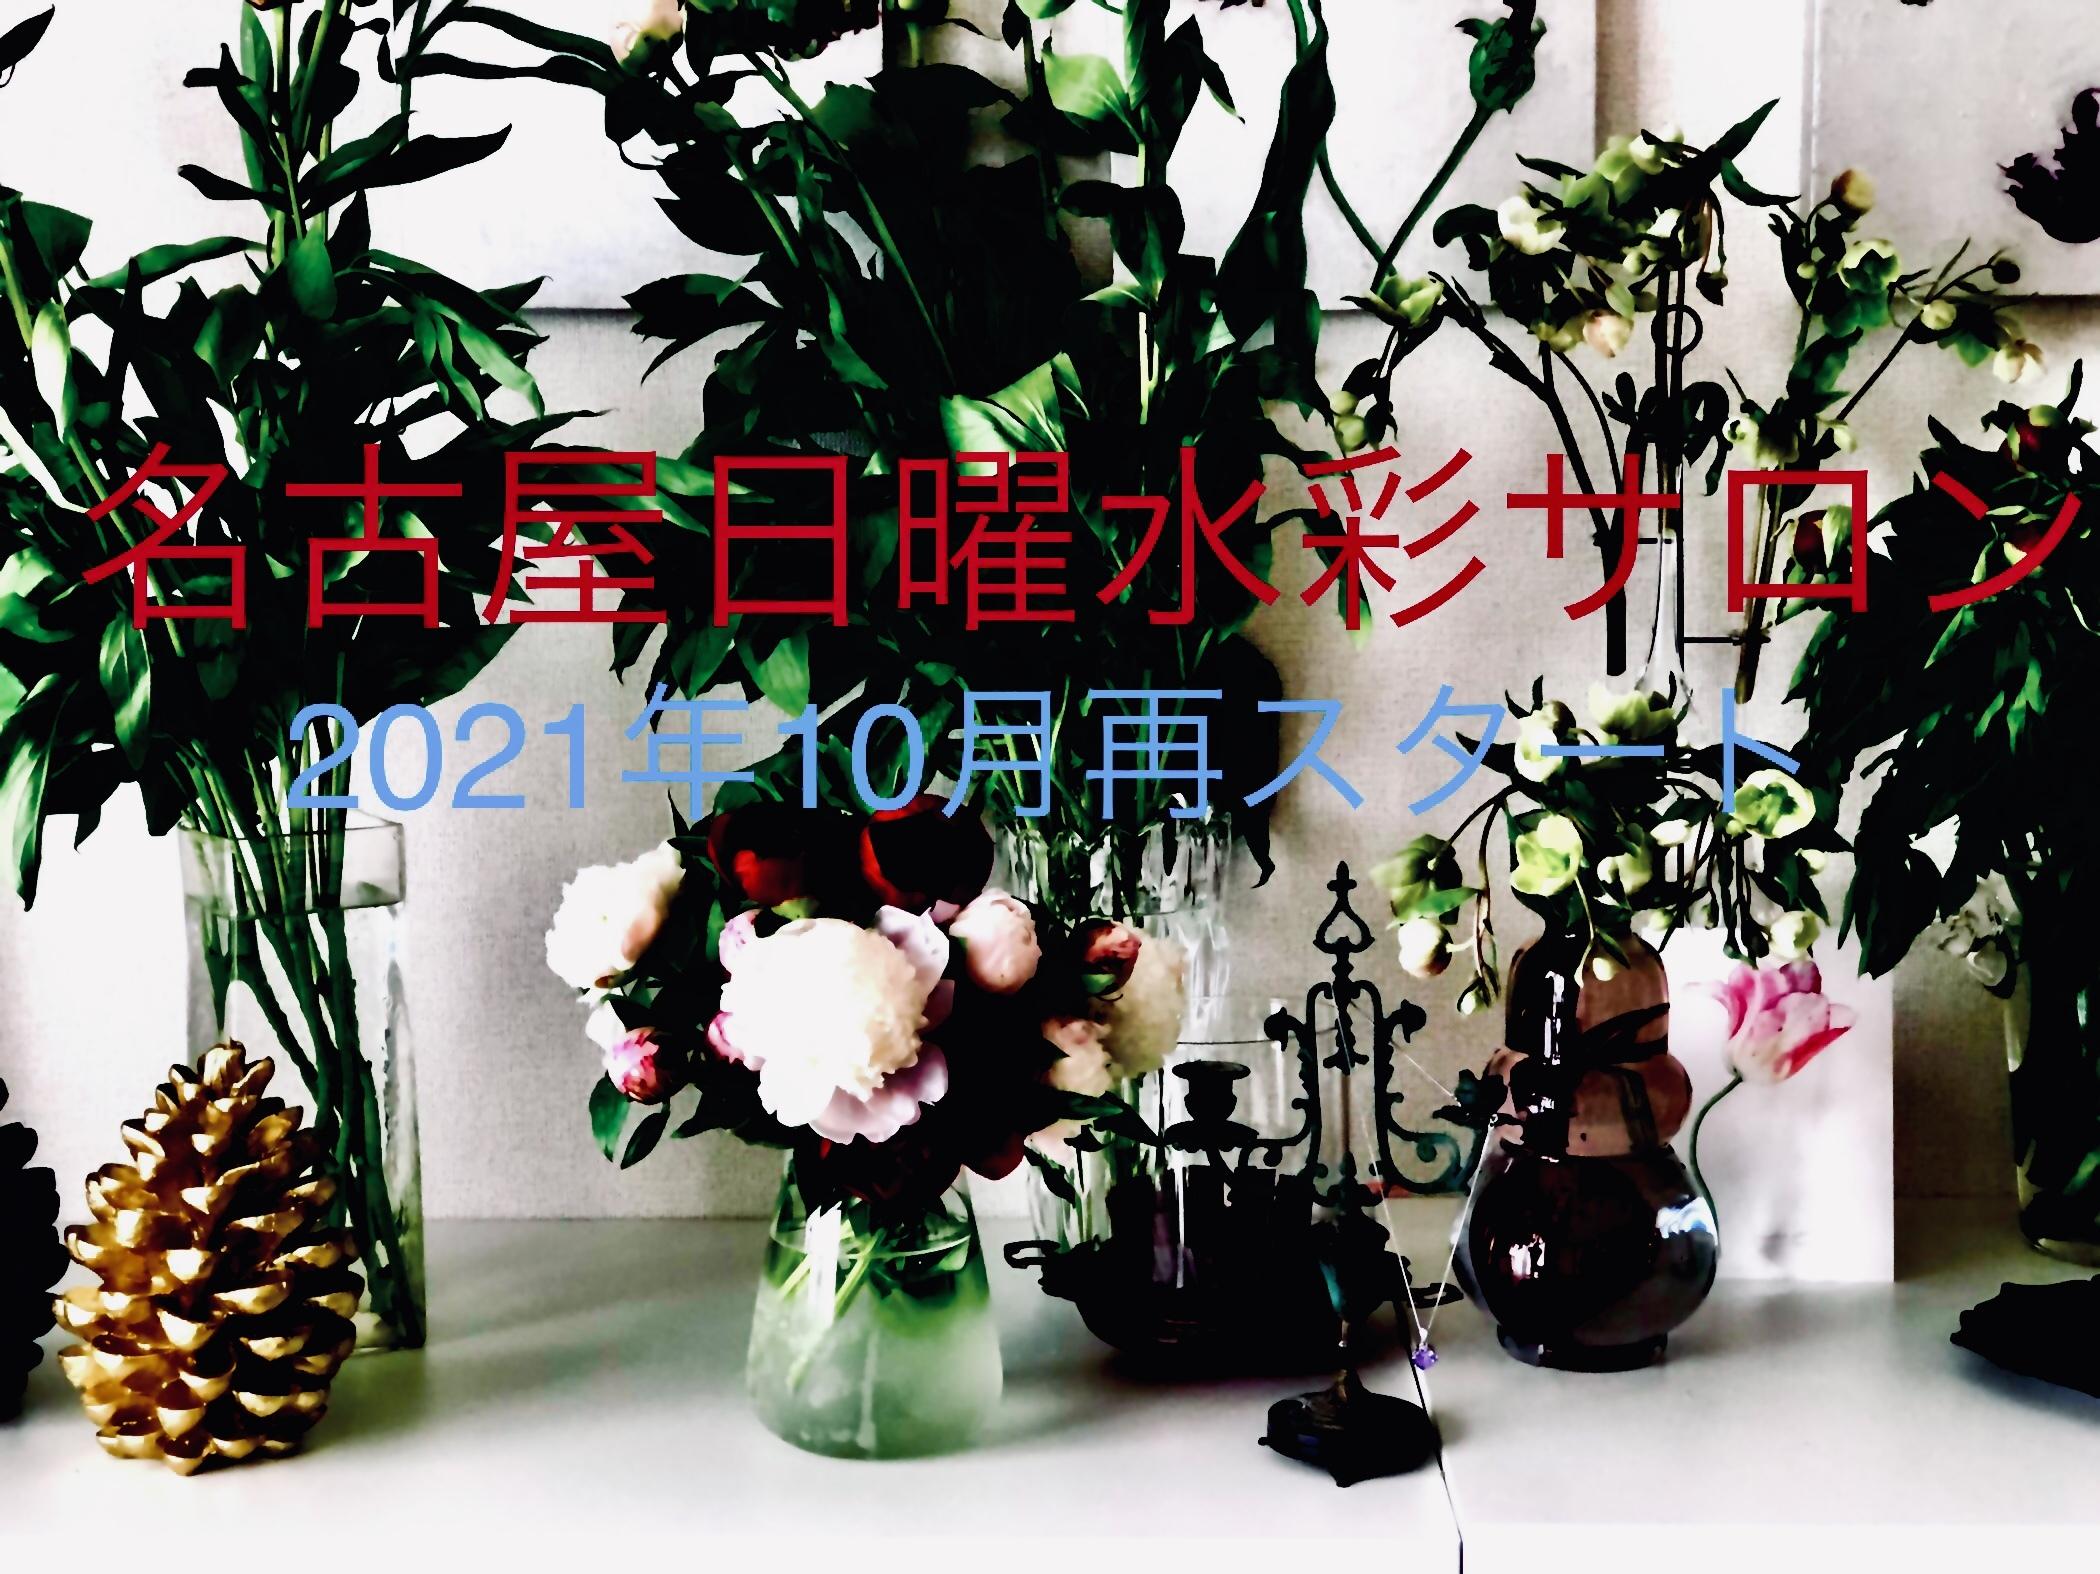 【新名古屋日曜水彩サロン】世界の雑貨と花を描く 水彩サロン生徒募集2021年10月~2022年